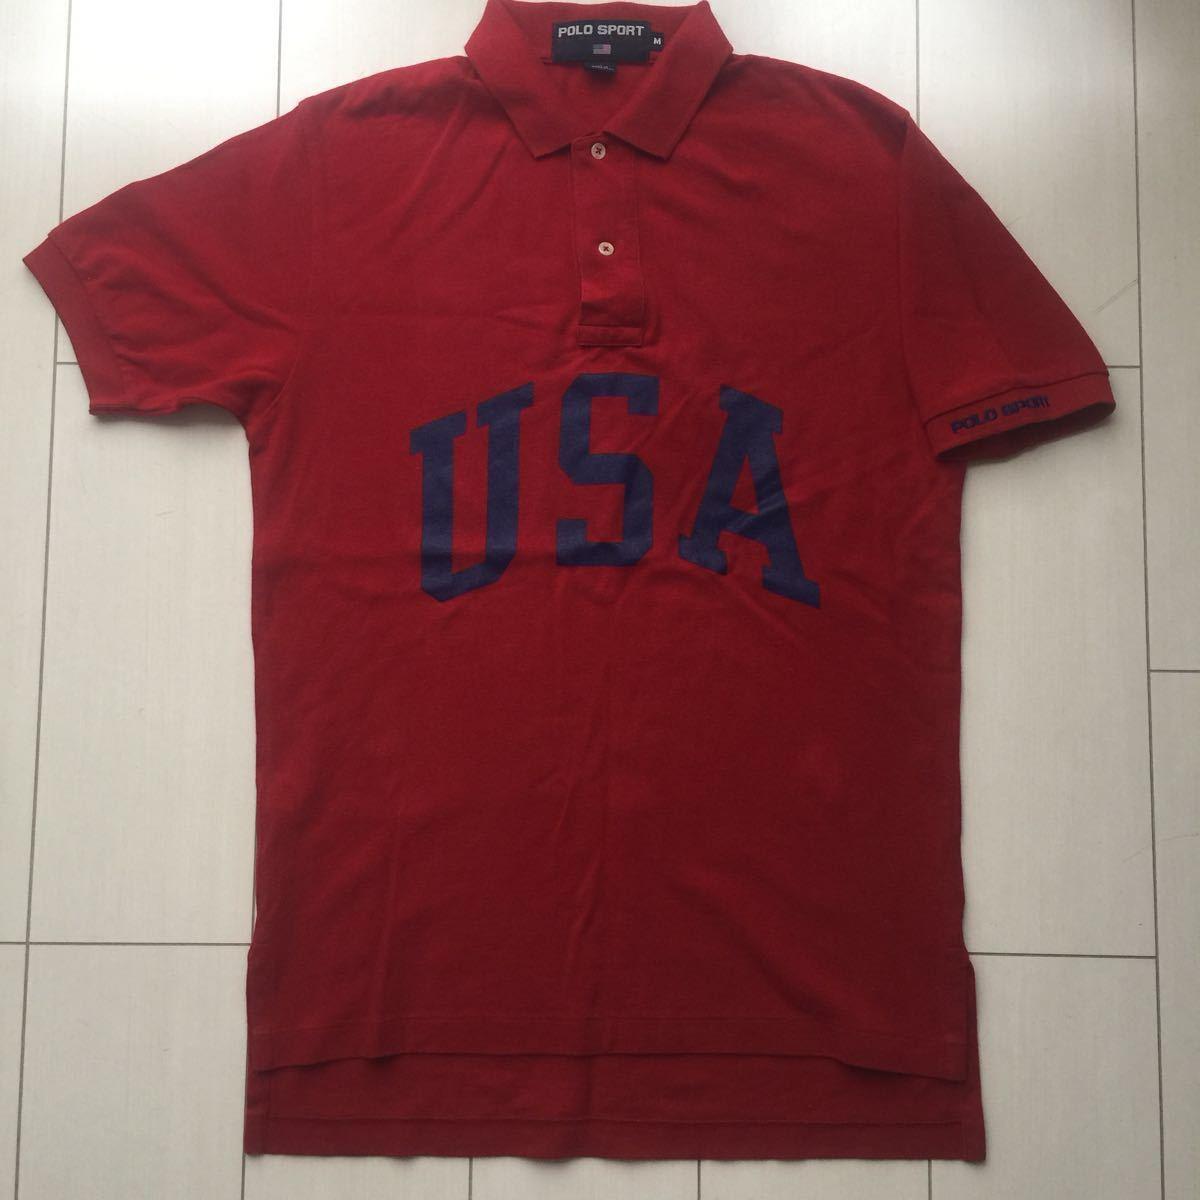 送料無料 90s polo sport ポロスポーツ ラルフローレン USA アーチロゴ ポロシャツ vintage ビンテージ レッド バーガンディ M rrl country_画像1